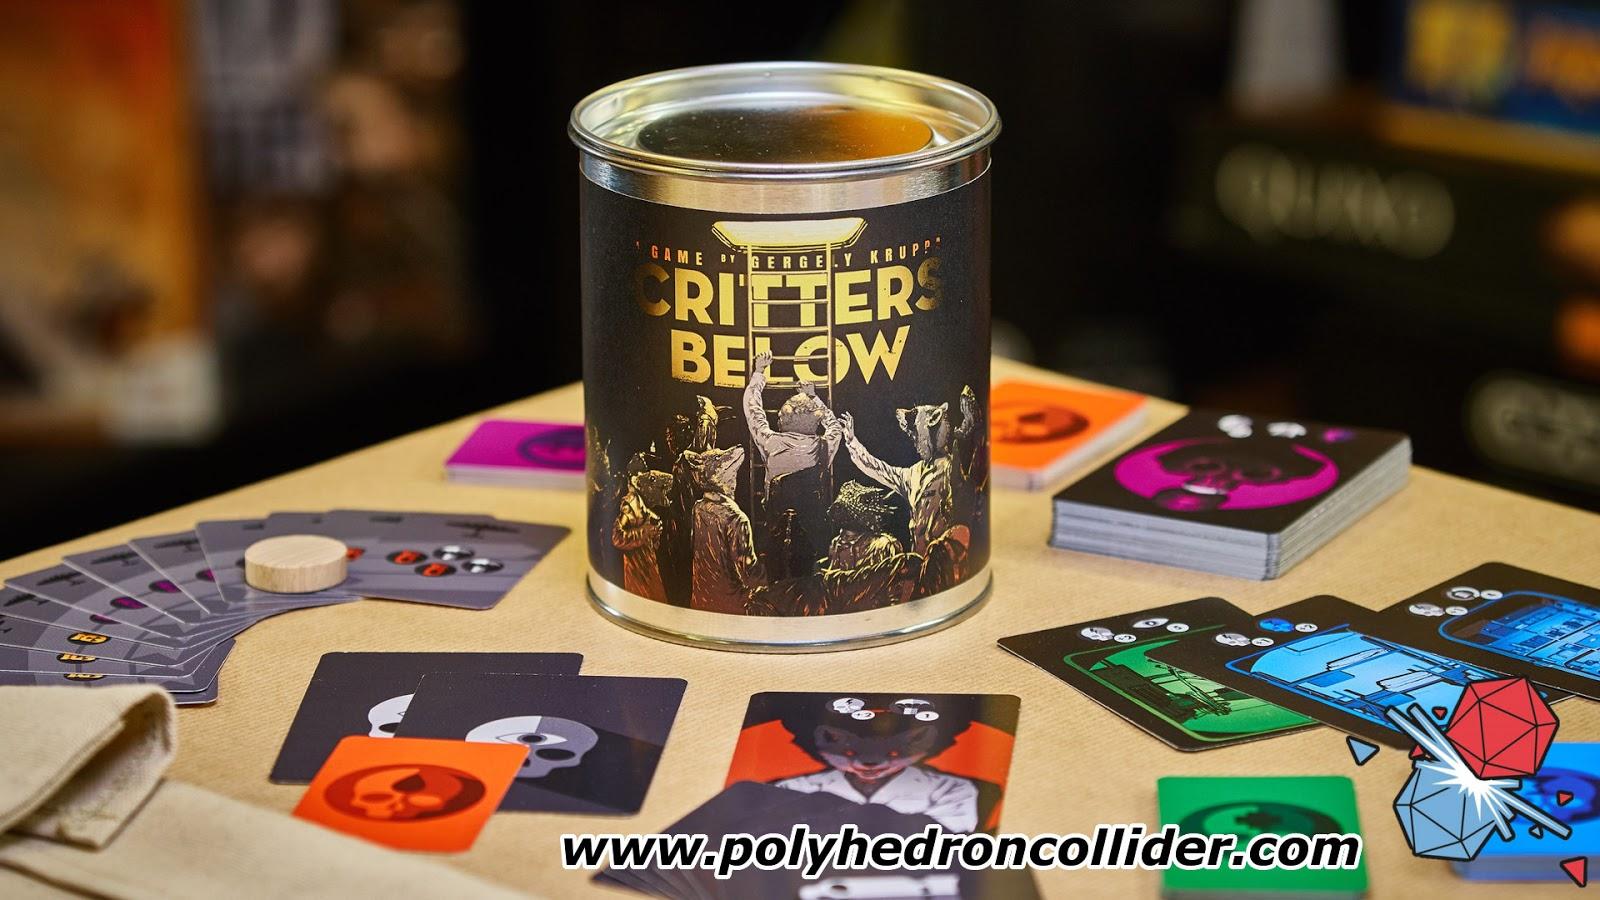 Critters Below Kickstarter Review